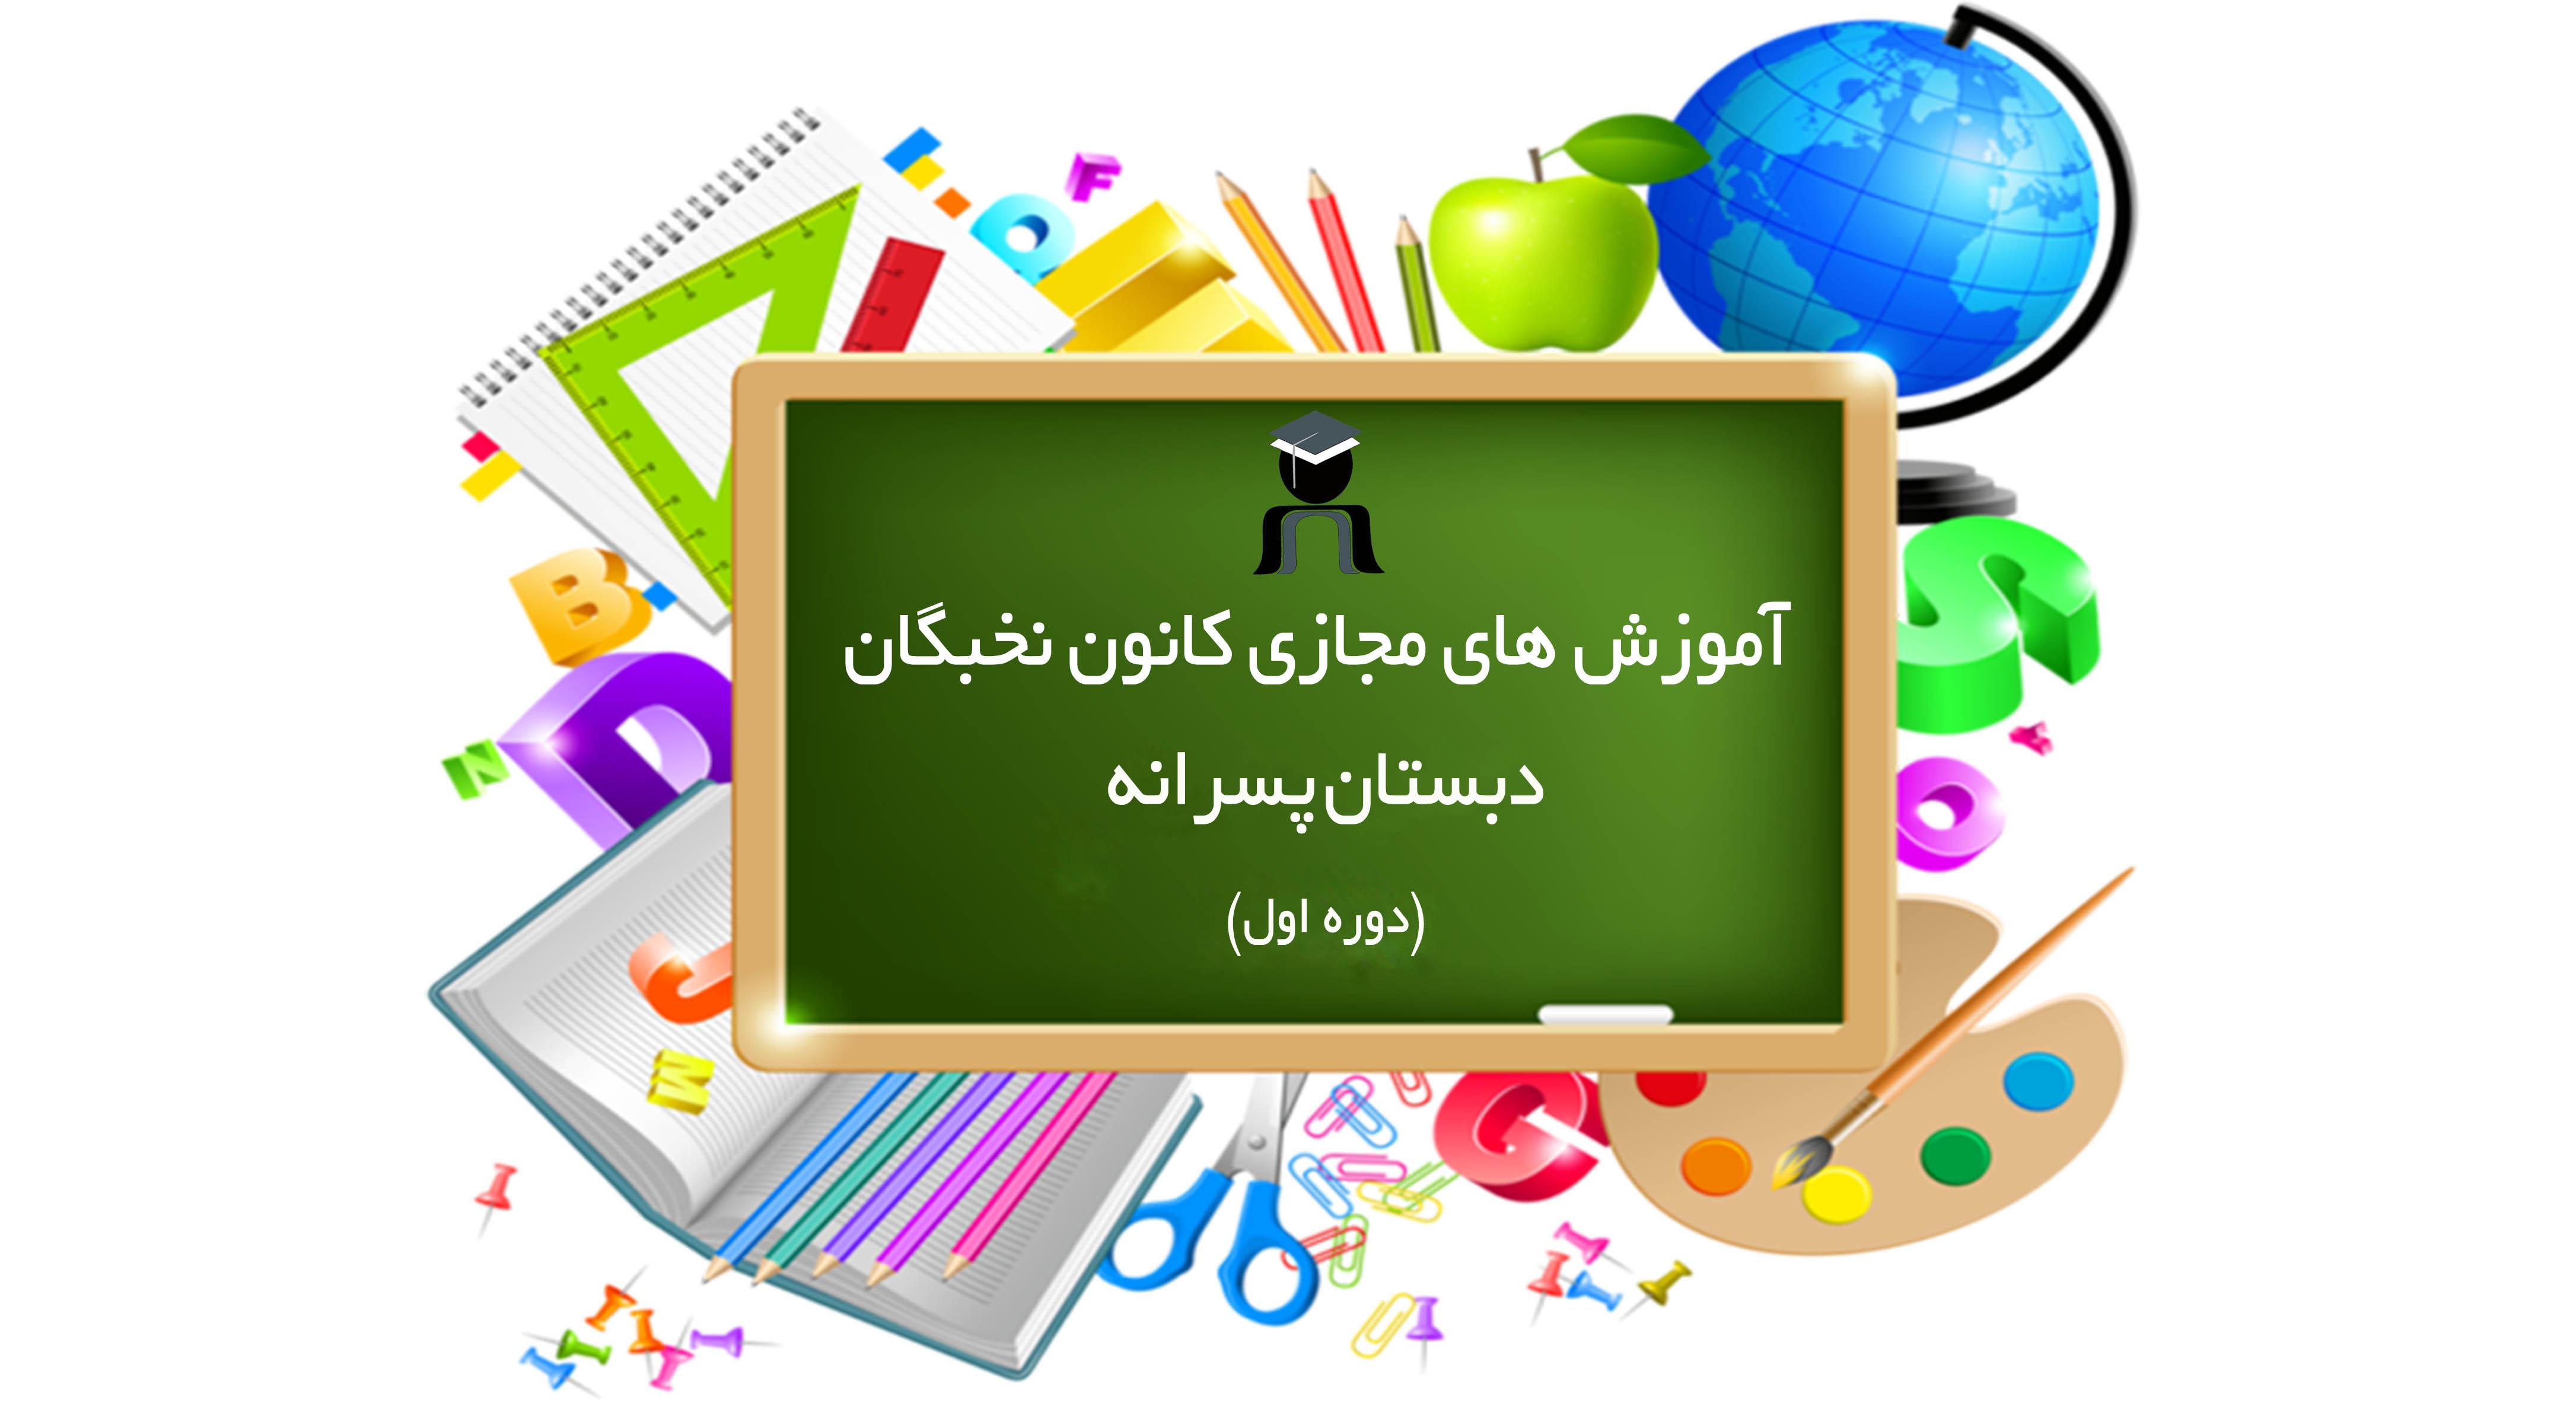 کلاس های تابستانه پایه اول2 ( خانم اکبری)